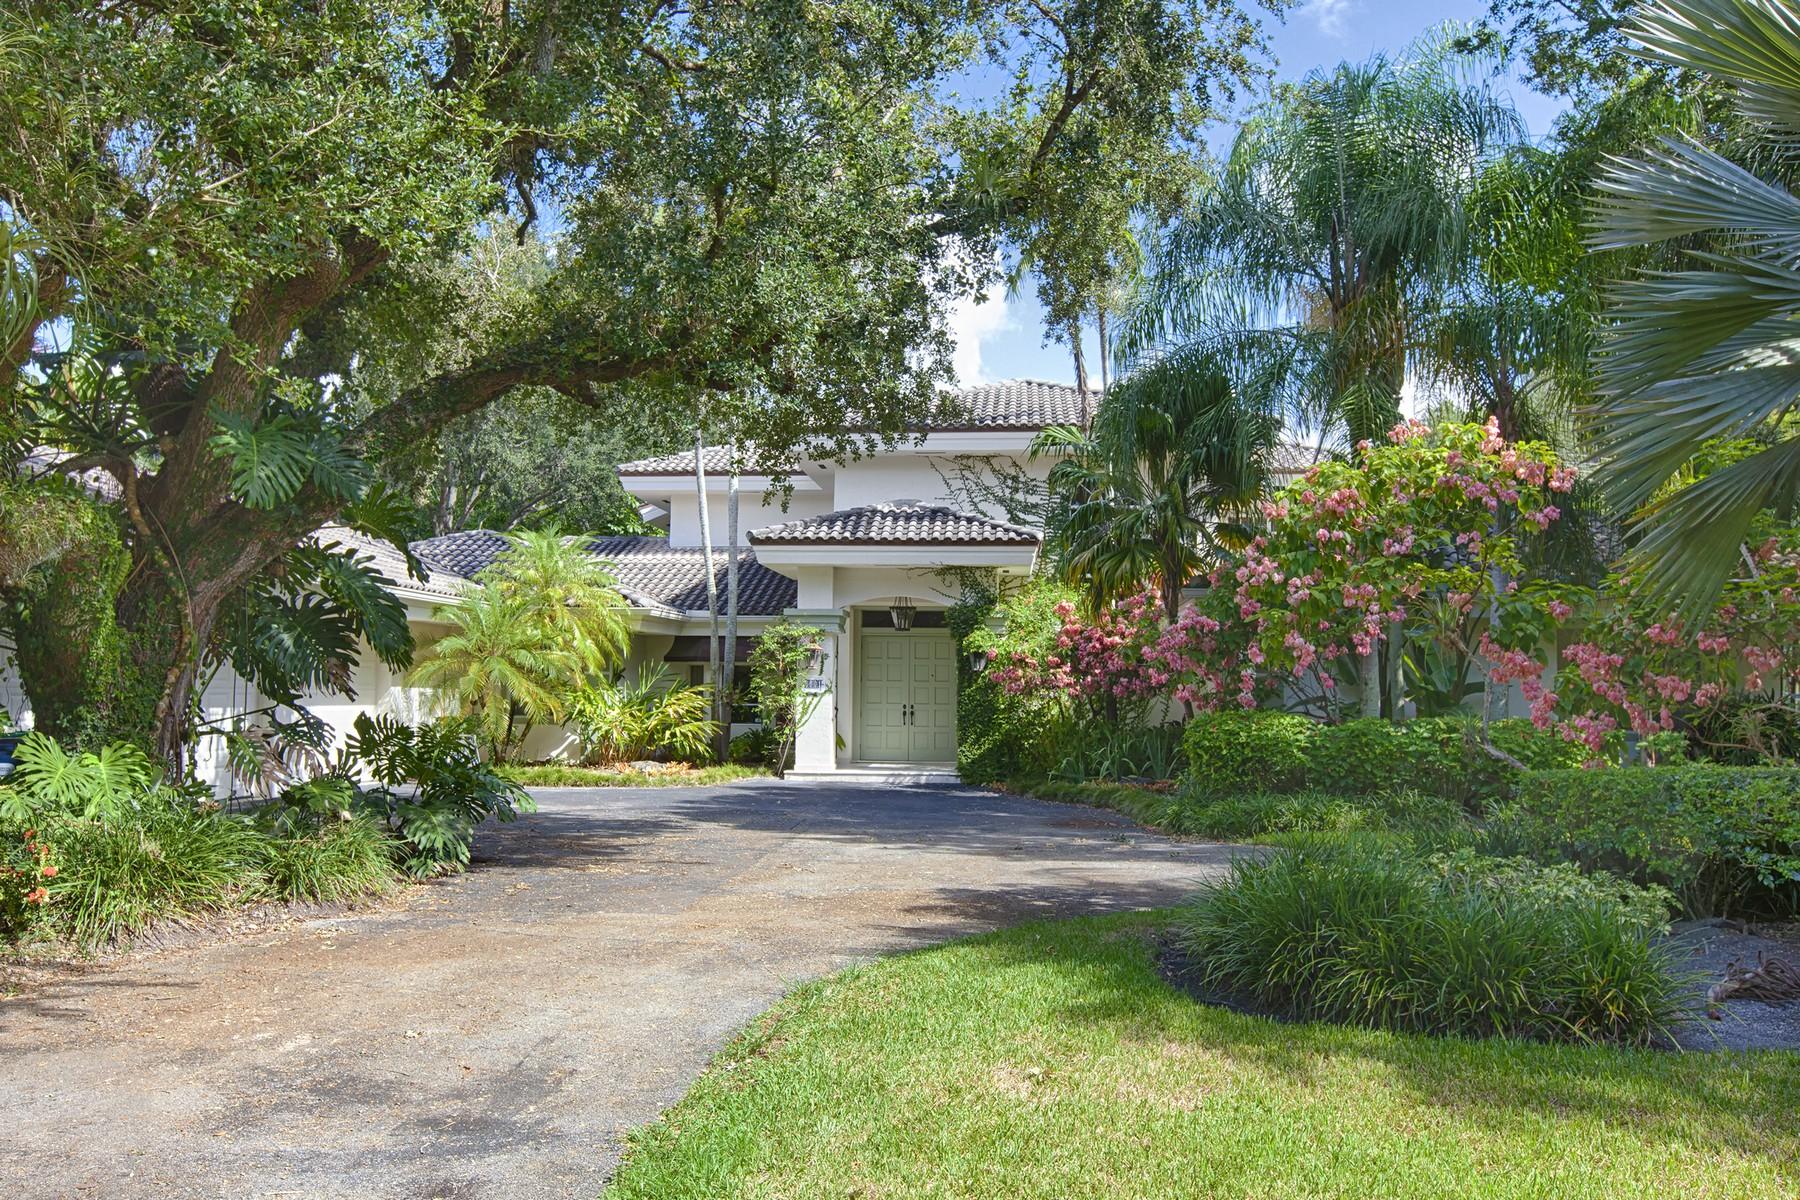 Maison unifamiliale pour l Vente à 6601 SW 92 ST Pinecrest, Florida 33156 États-Unis